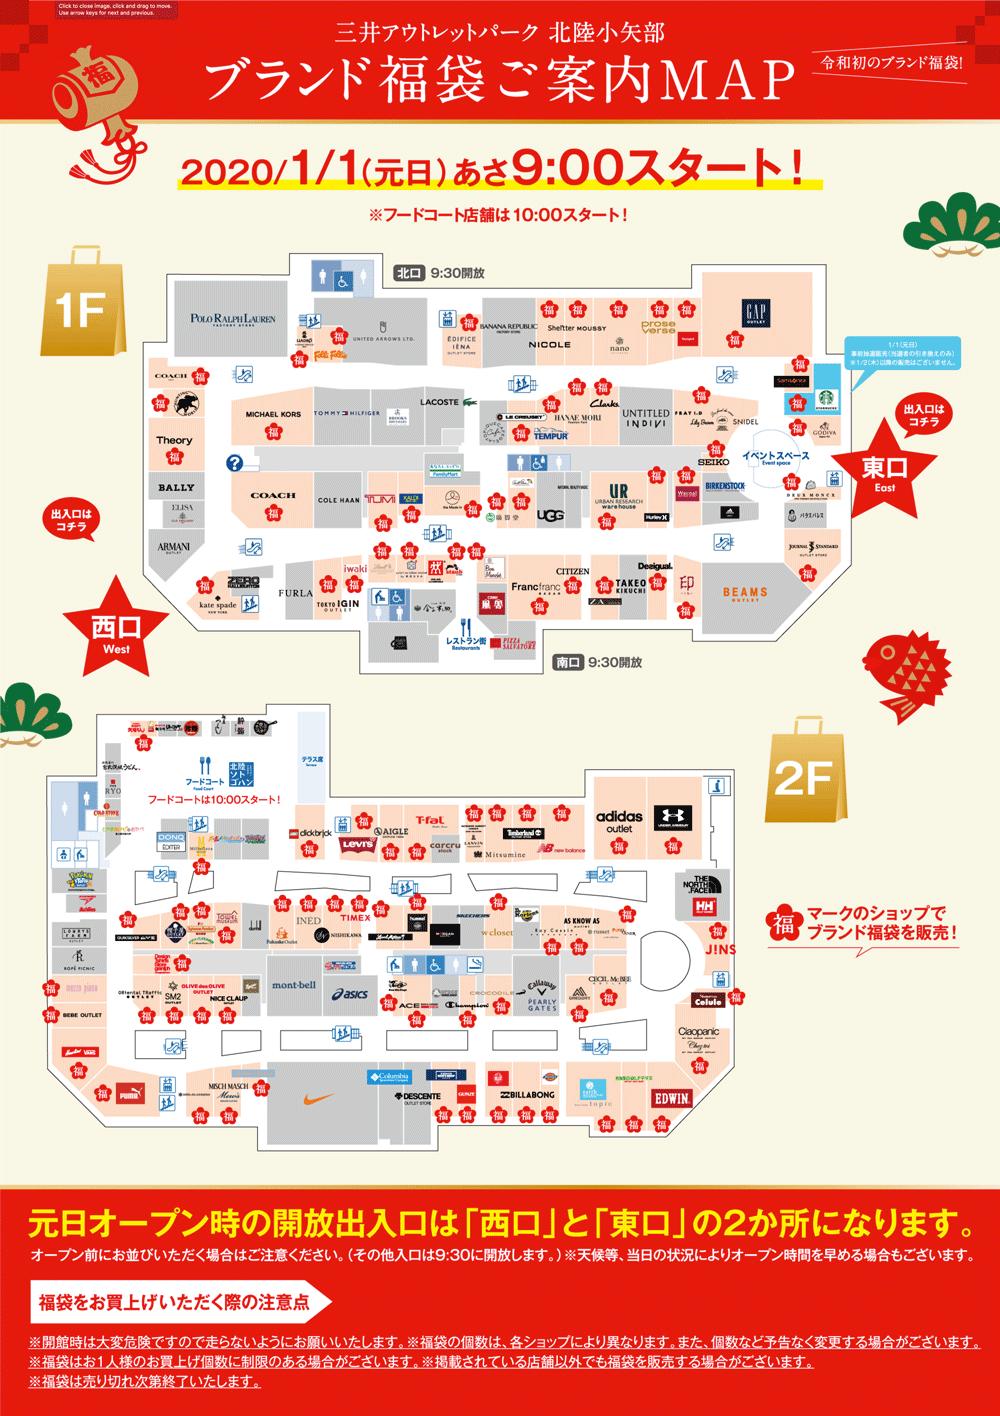 三井アウトレットパーク北陸小矢部2020年の福袋案内マップ